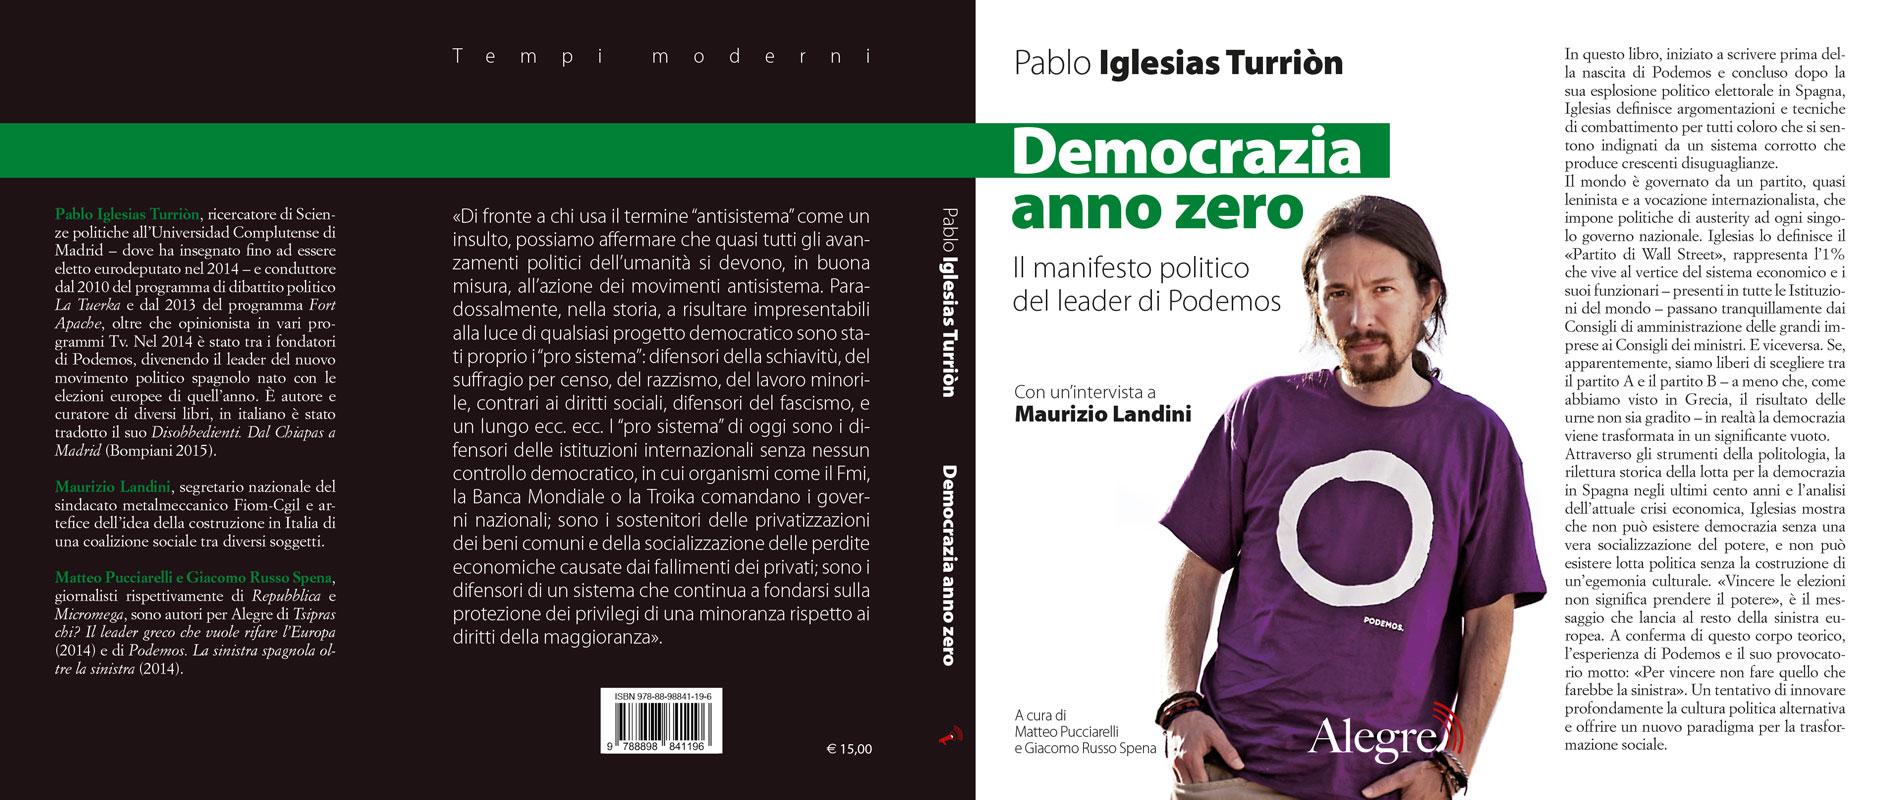 Pablo Iglesias Turriòn, Democrazia anno zero, stesa